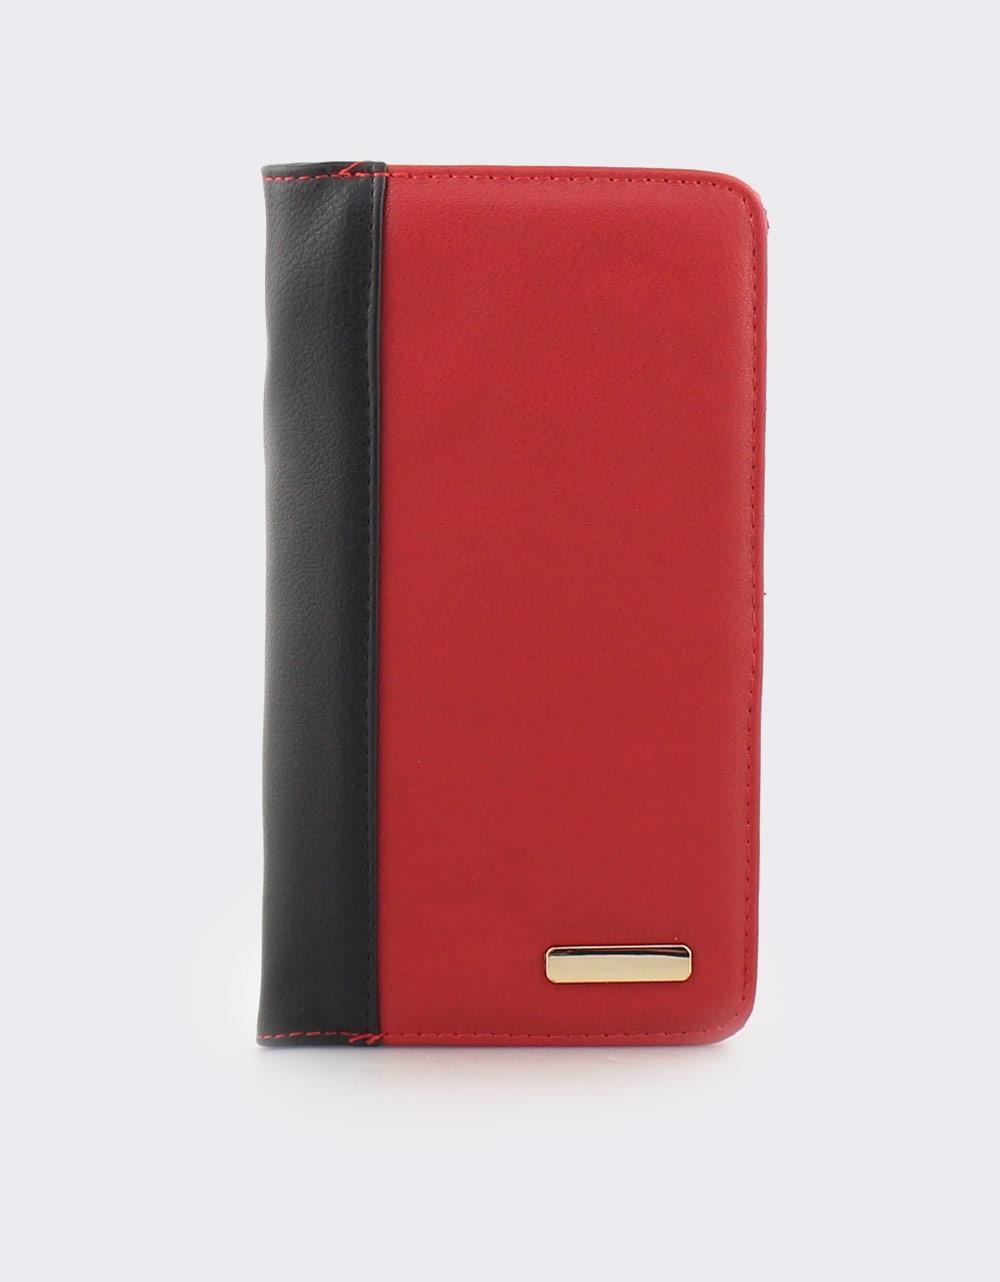 677c34f026 Εικόνα από Γυναικεία πορτοφόλια με λεπτομέρεια από ραφή Κόκκινο